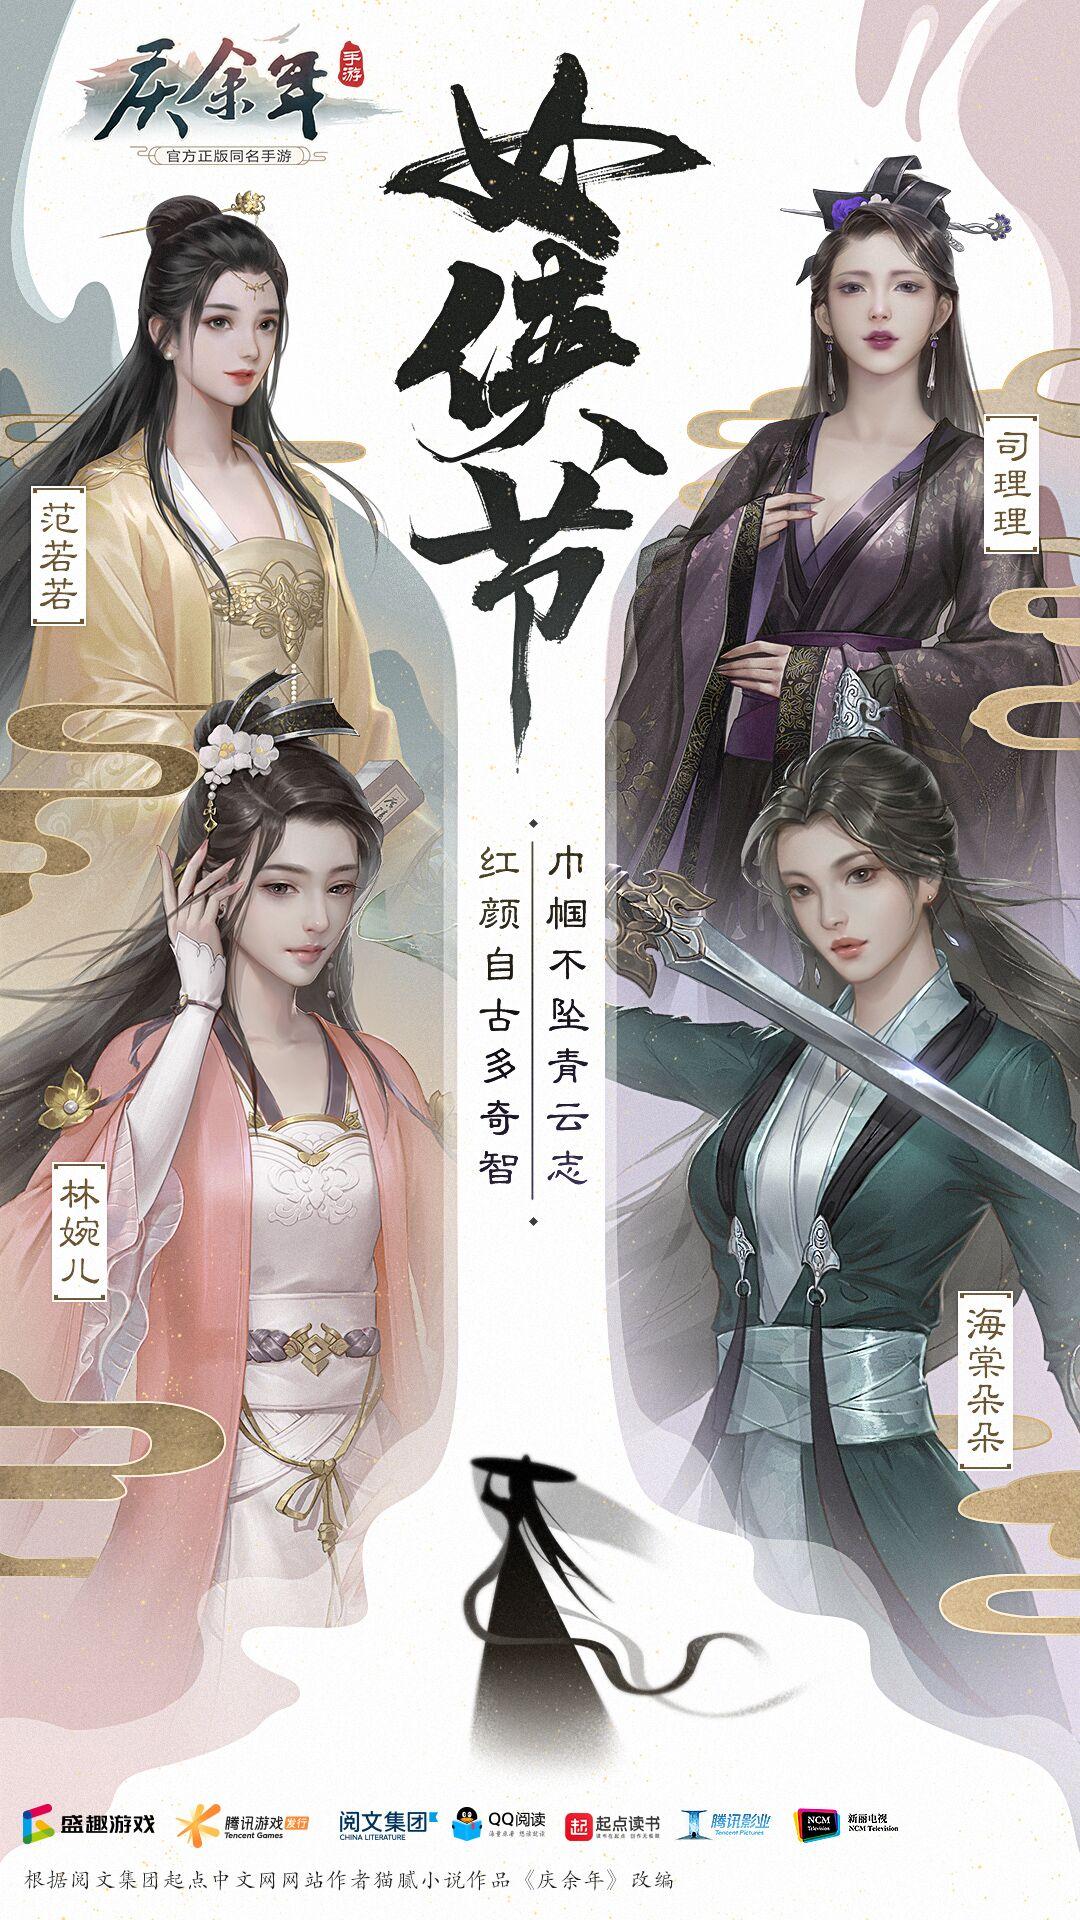 「庆余年·女侠节」